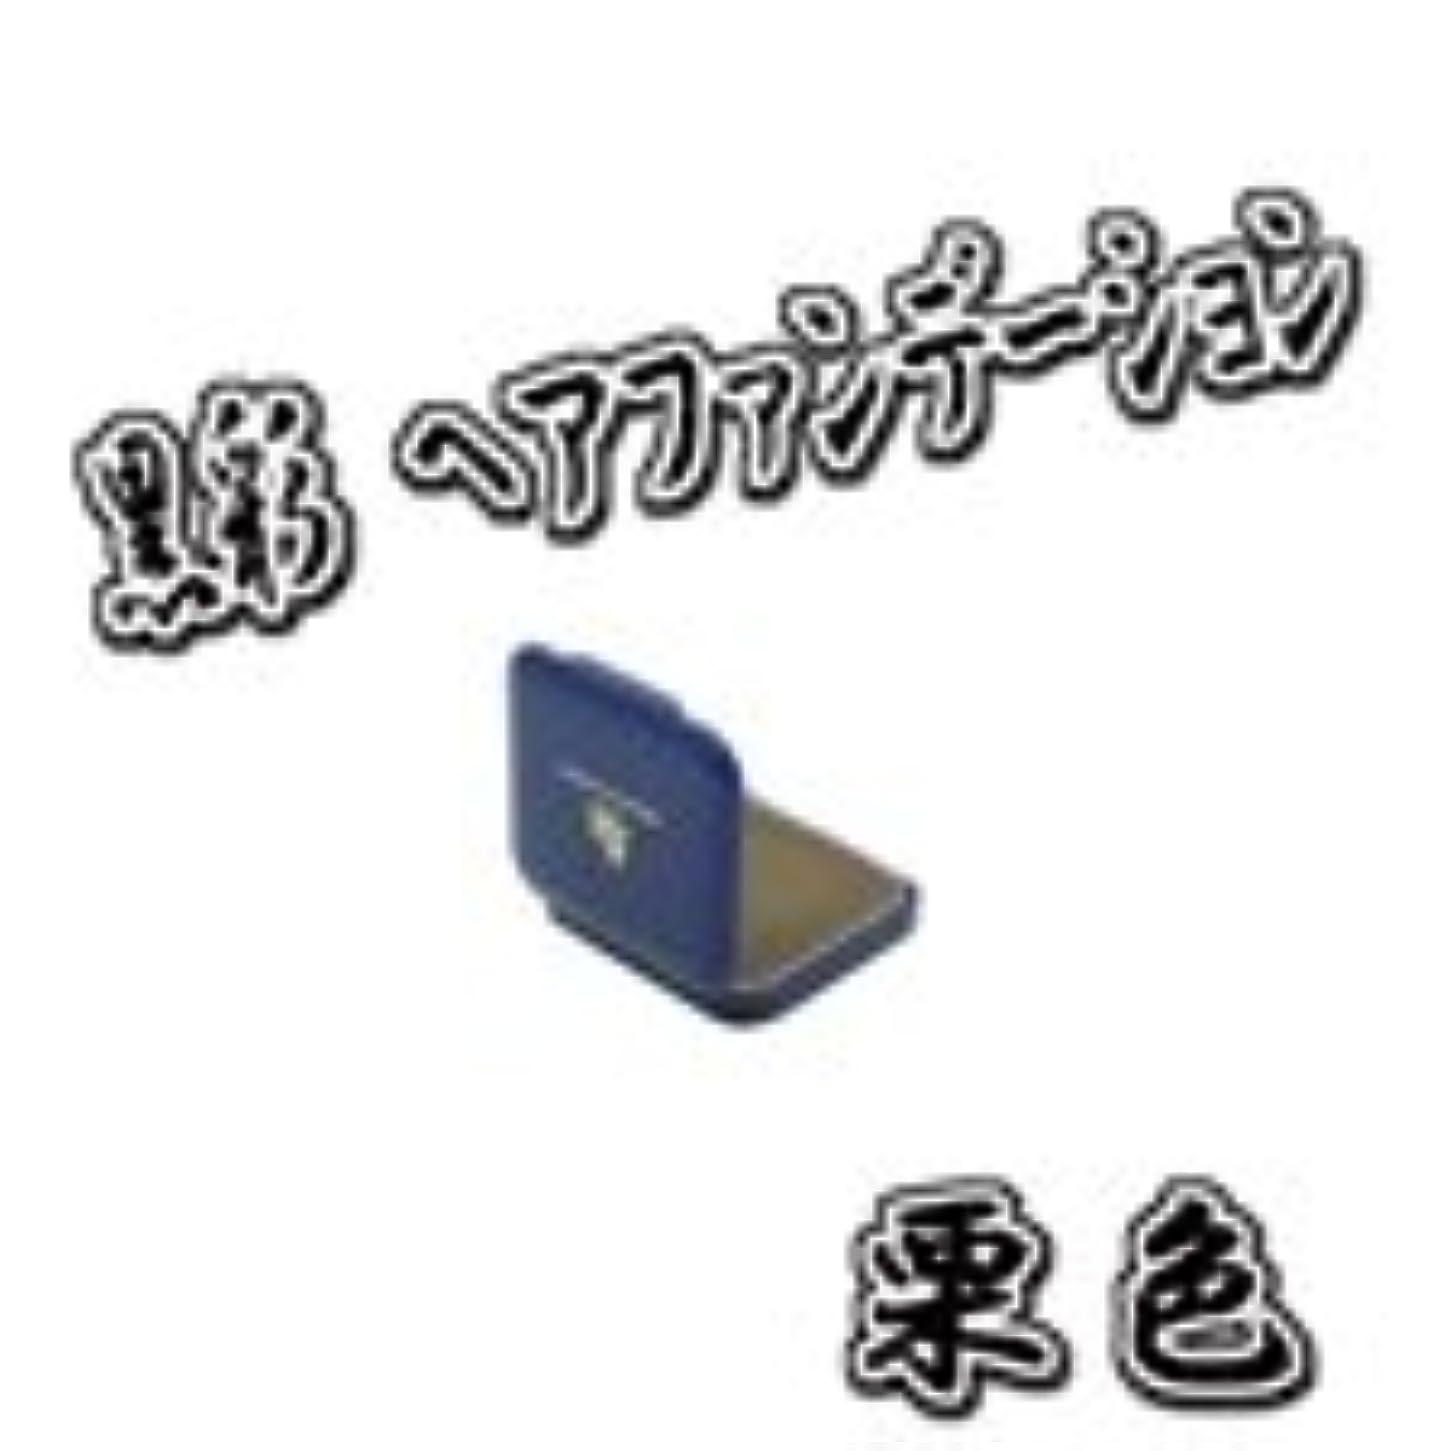 年金受給者推定する器用AMOROS アモロス 黒彩 ヘアファンデーション 【栗】 13g ミニケース パフ付